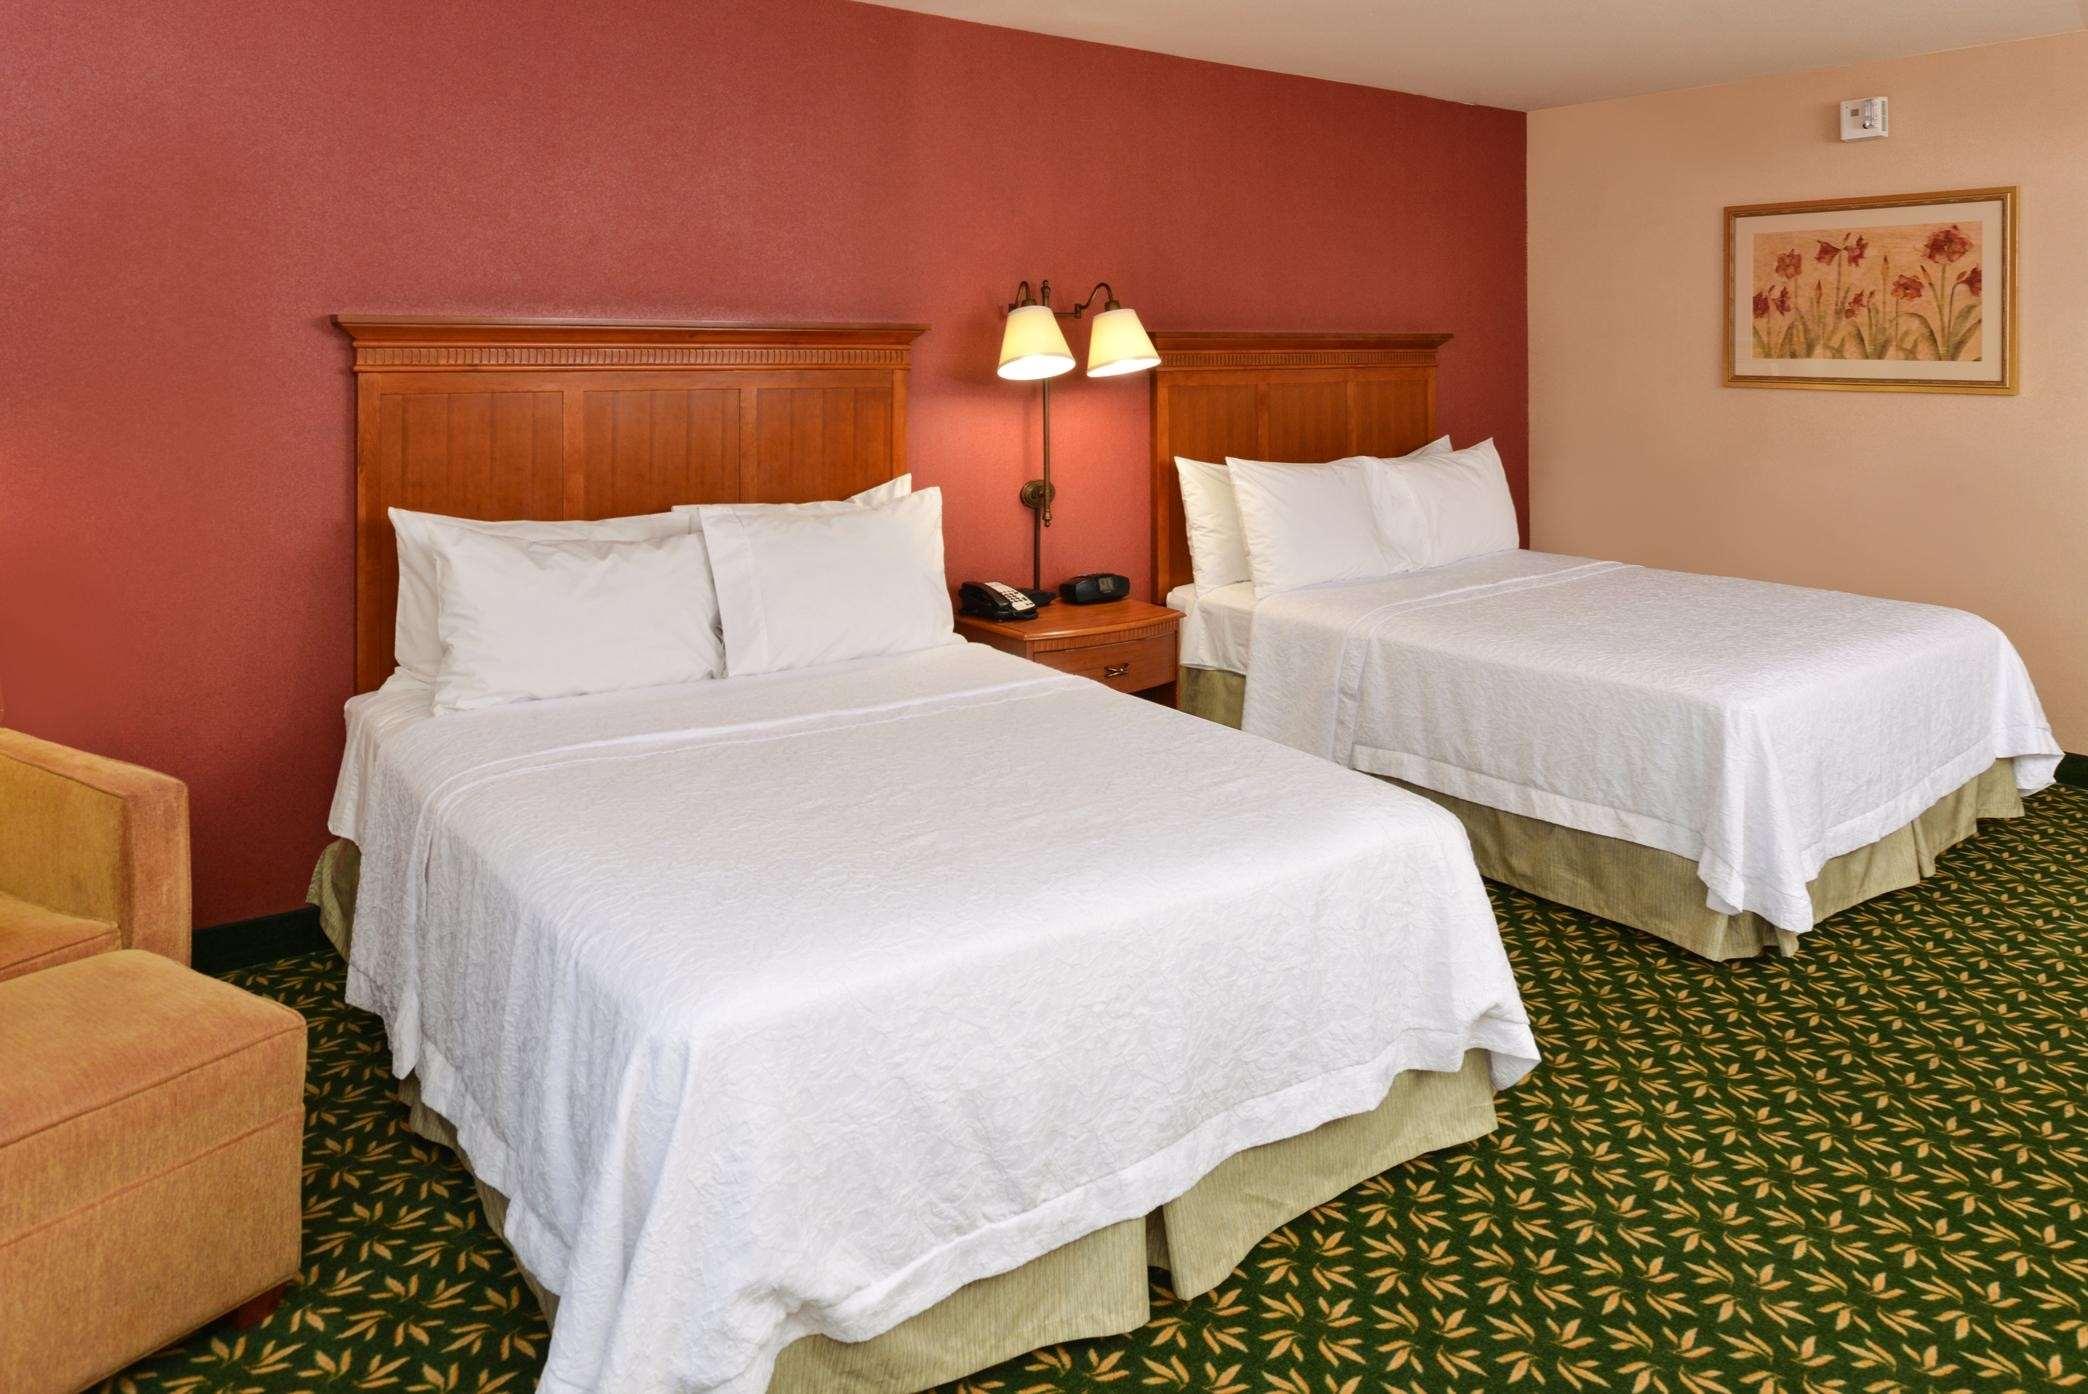 Hampton Inn & Suites Casper image 37